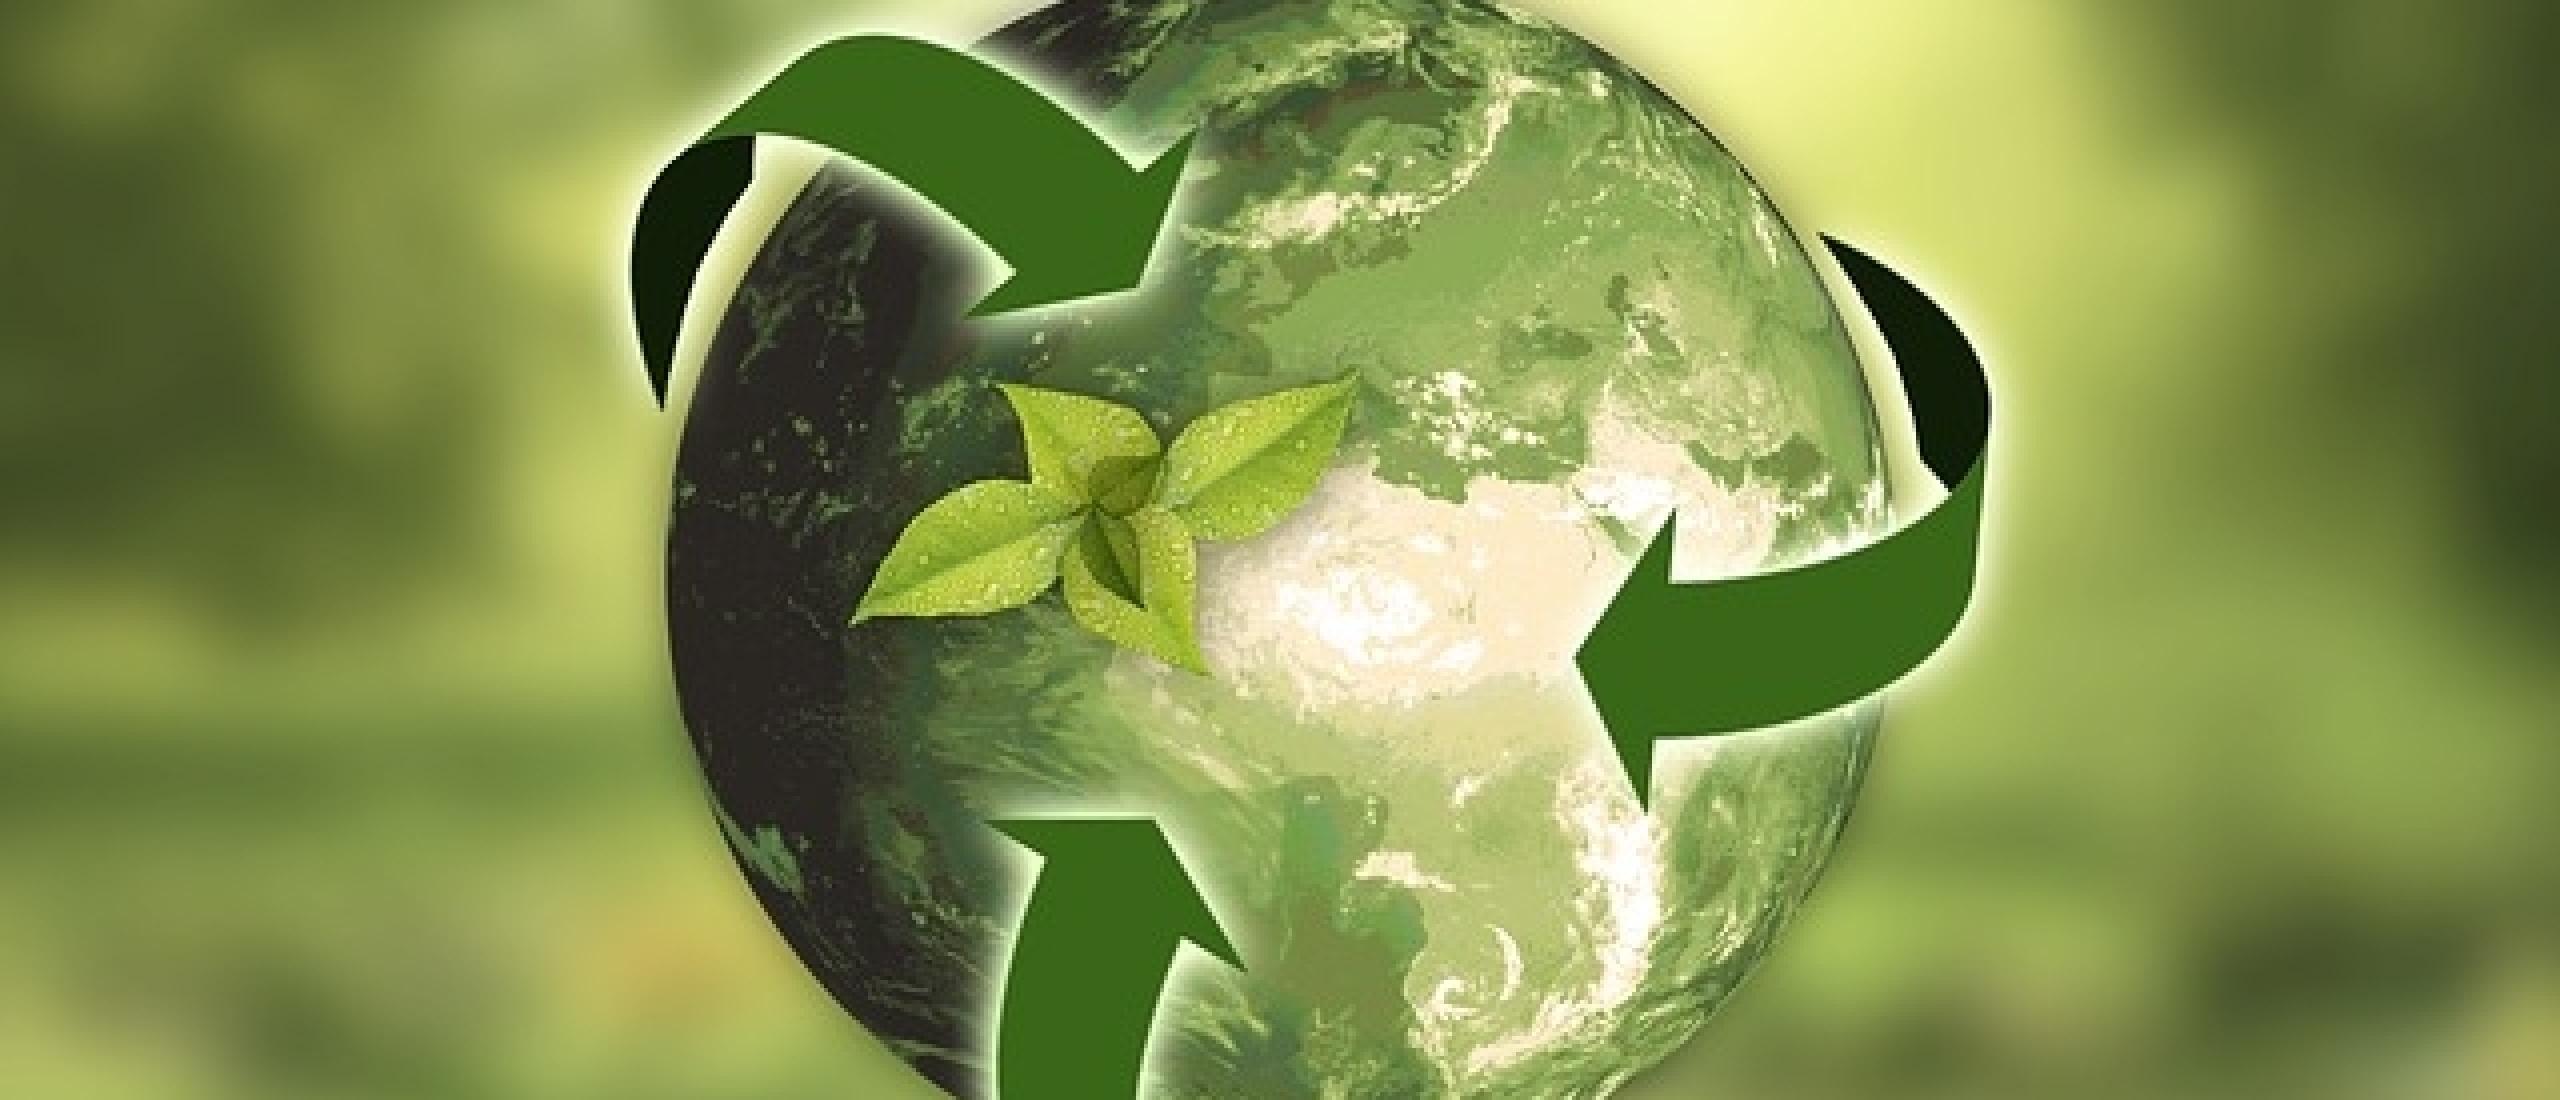 Duurzaamheid en circulariteit bieden businesskansen